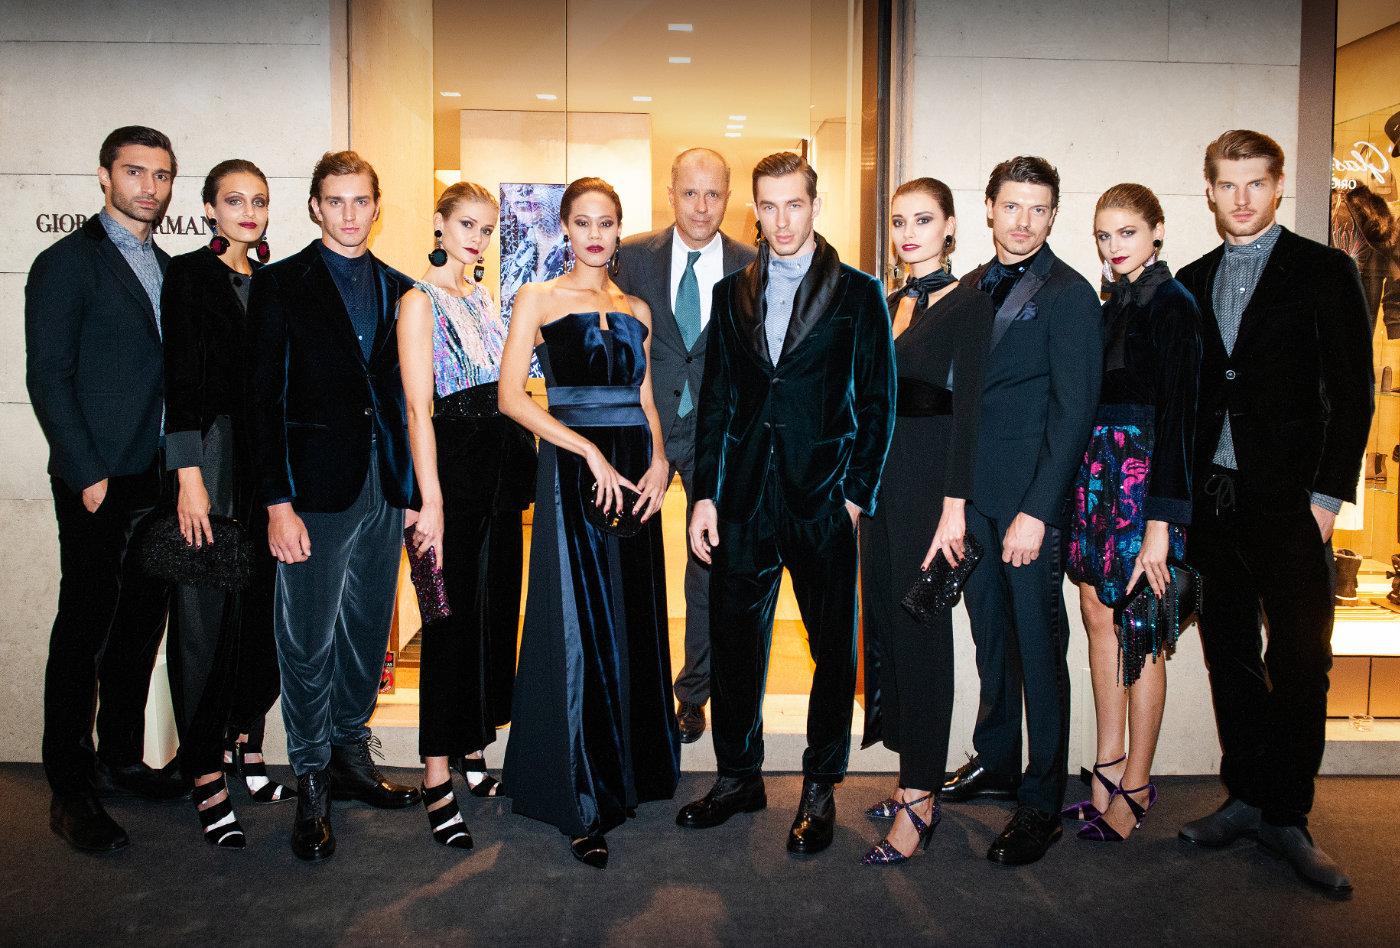 Gruppenfoto bei Präsentation der Armani Kollektion